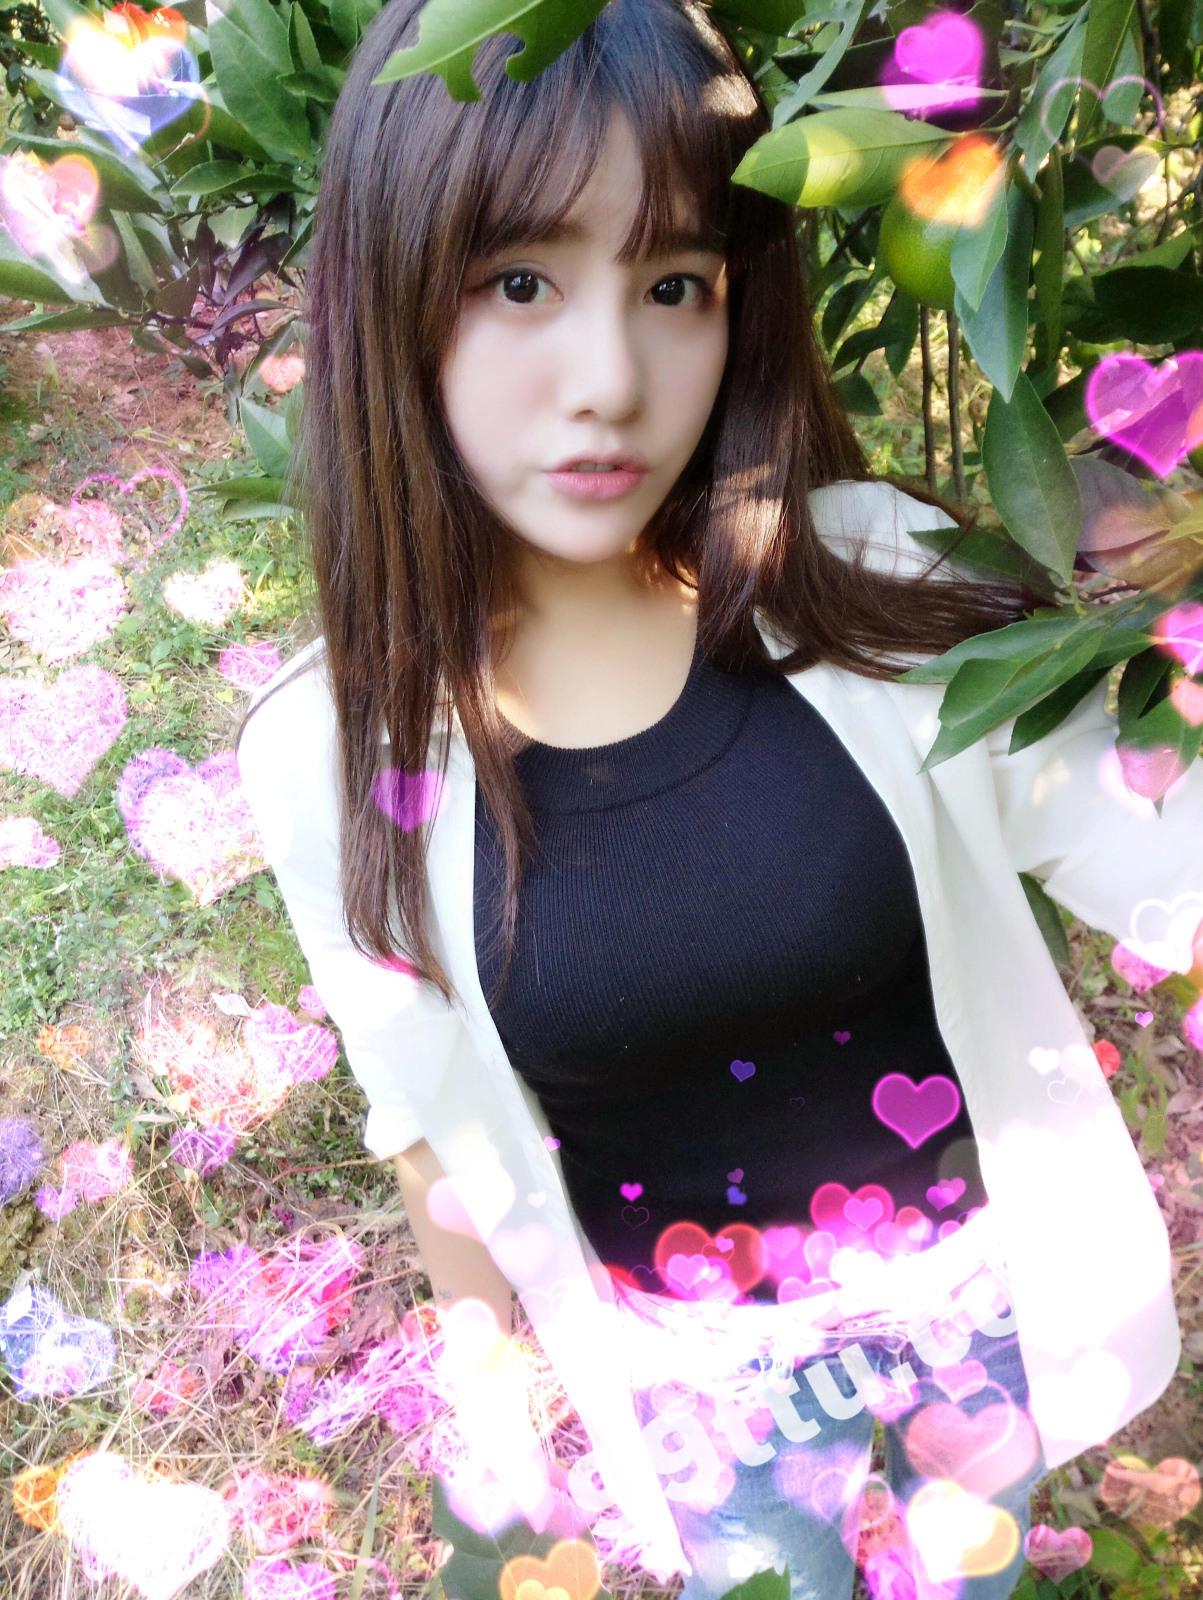 KK68_1464图+6个视频 青春可爱美女无水印高清生活照-9